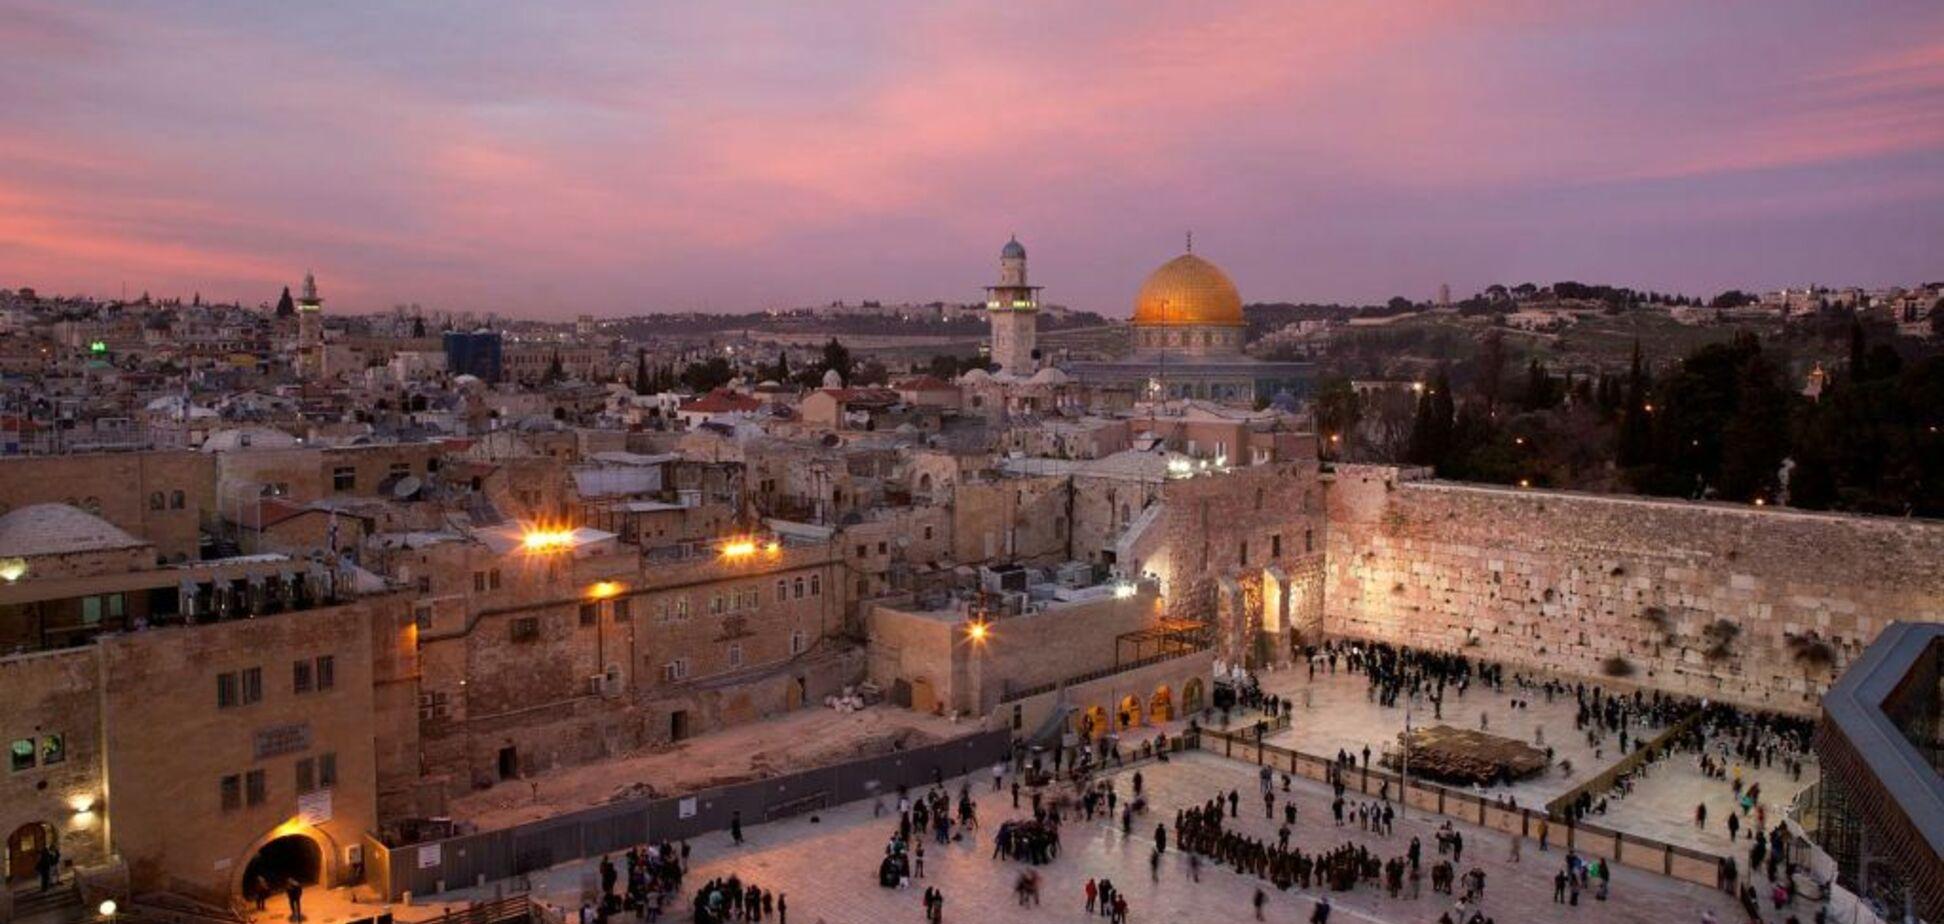 Появились знаки: посольство США переезжает в Иерусалим